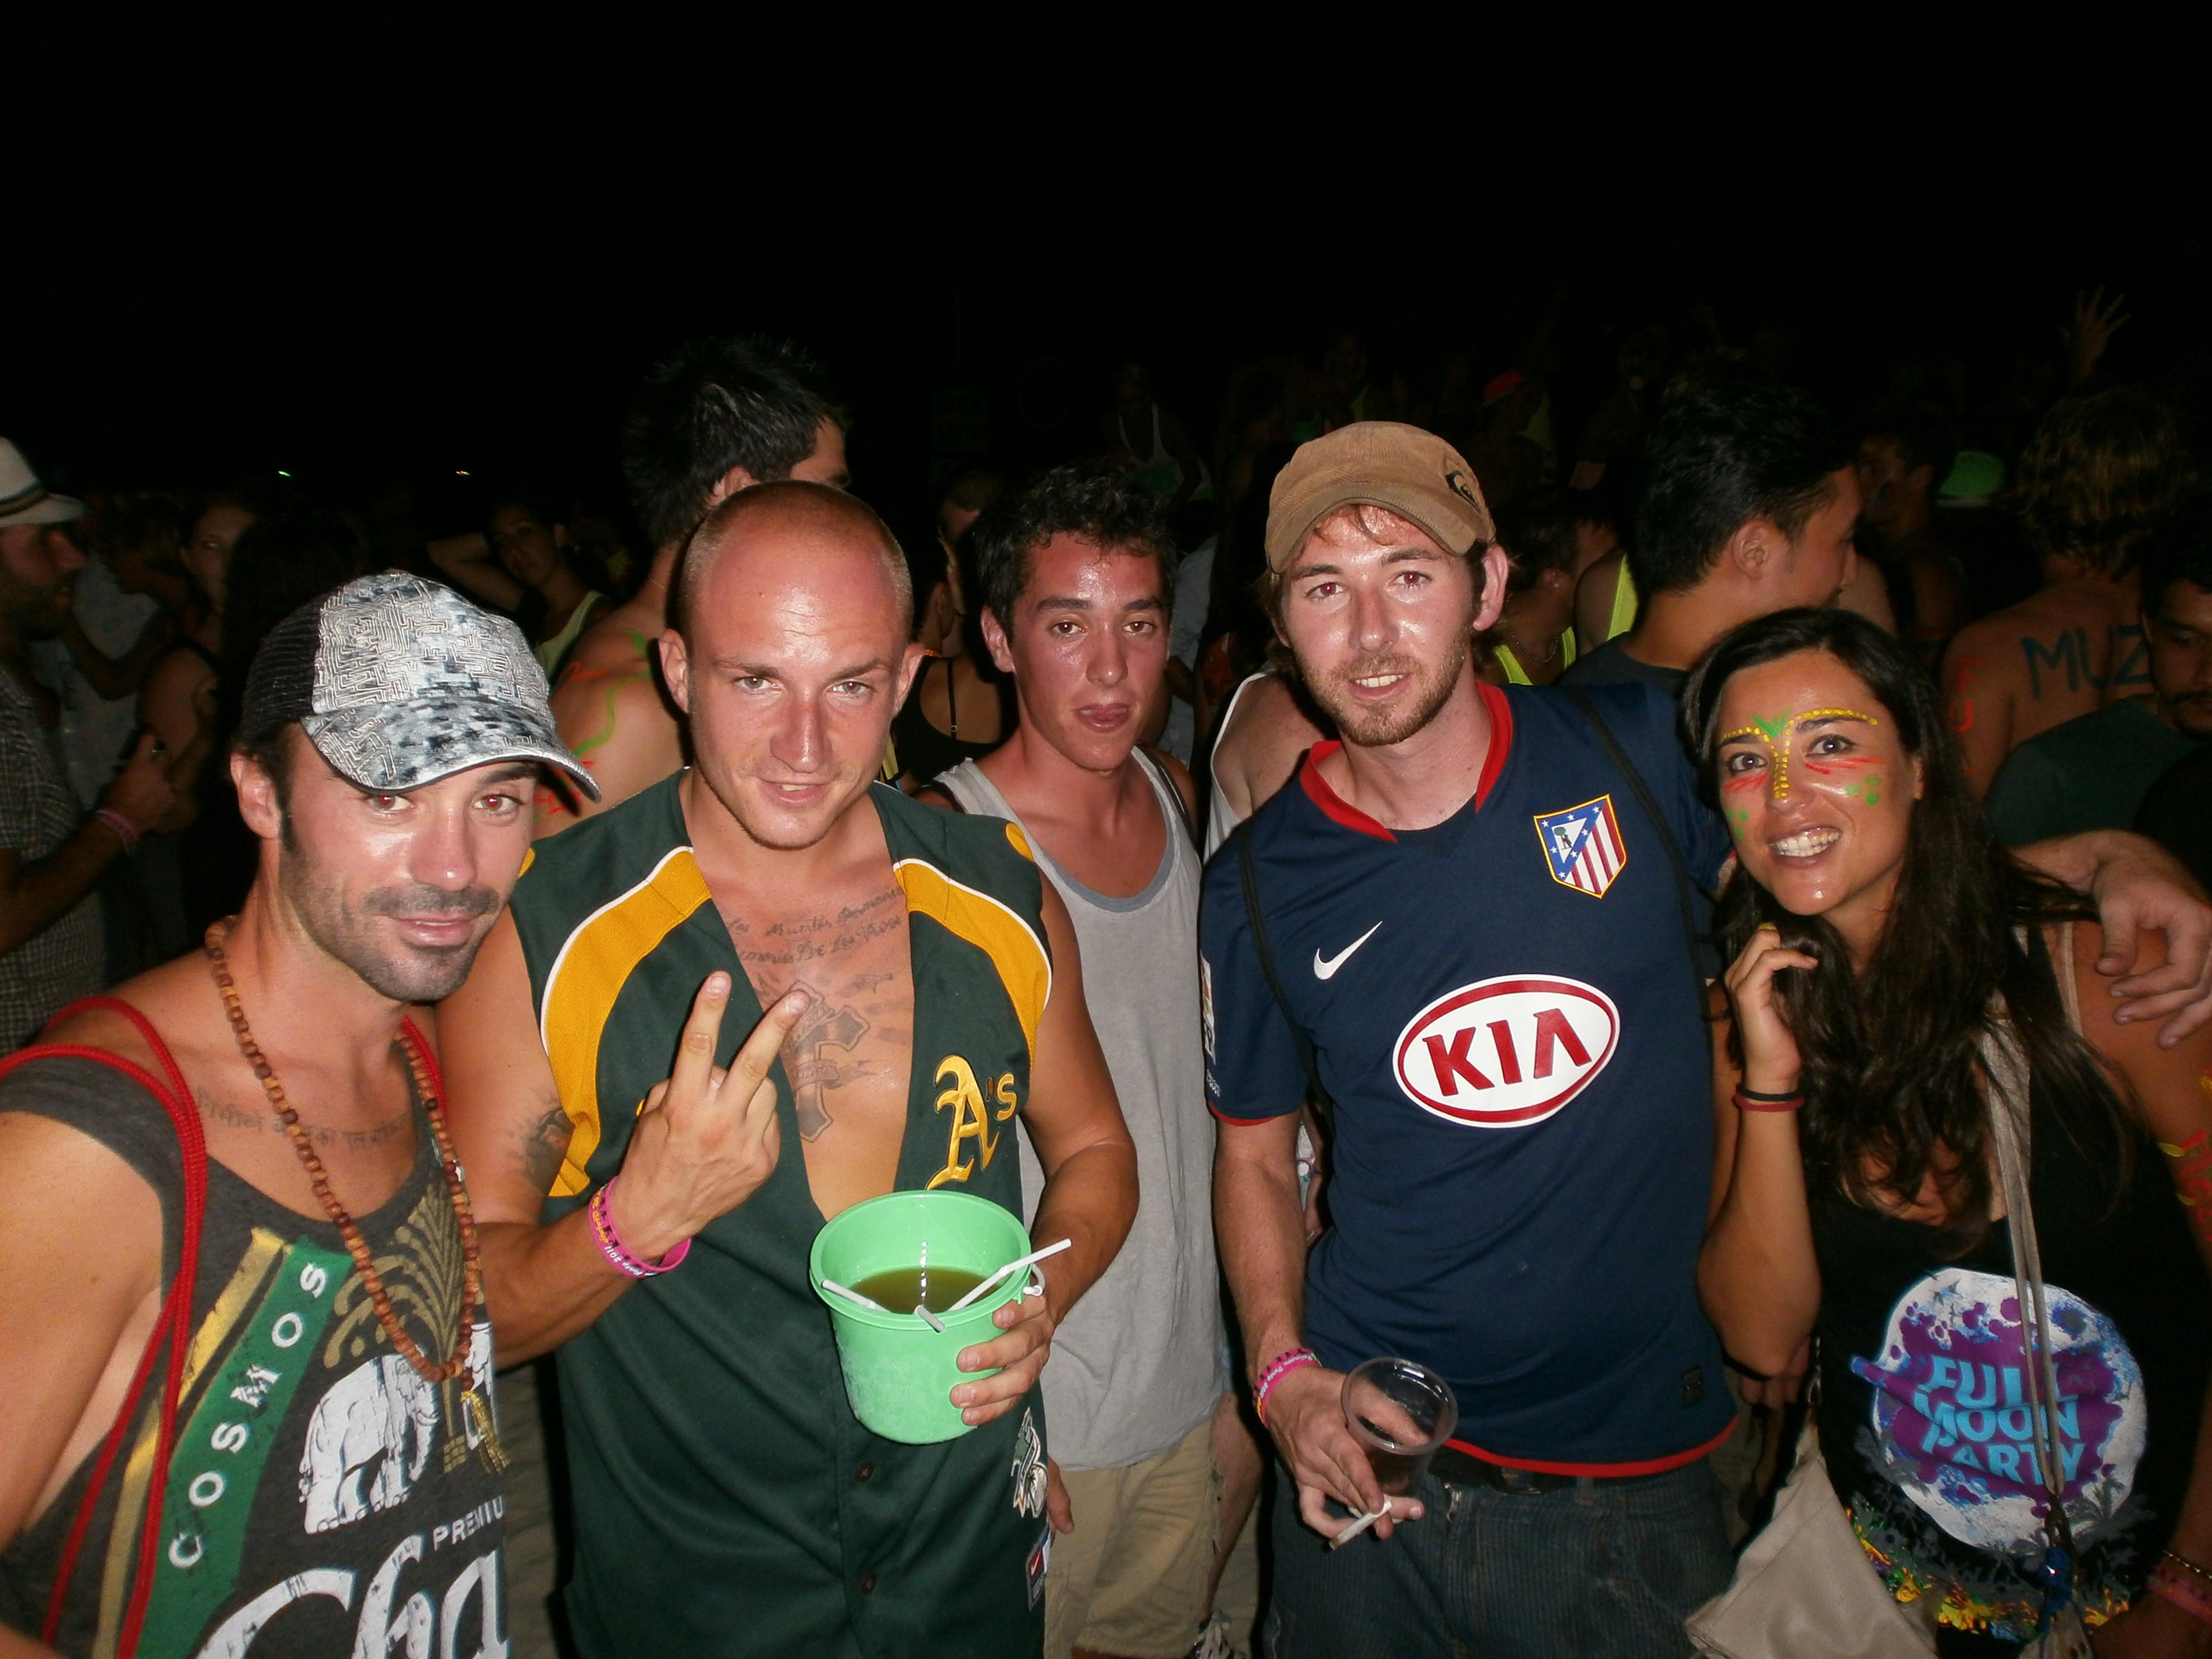 Tailandia Full Moon Party - Golfo de Tailandia: guía de qué hacer en cada una de las islas